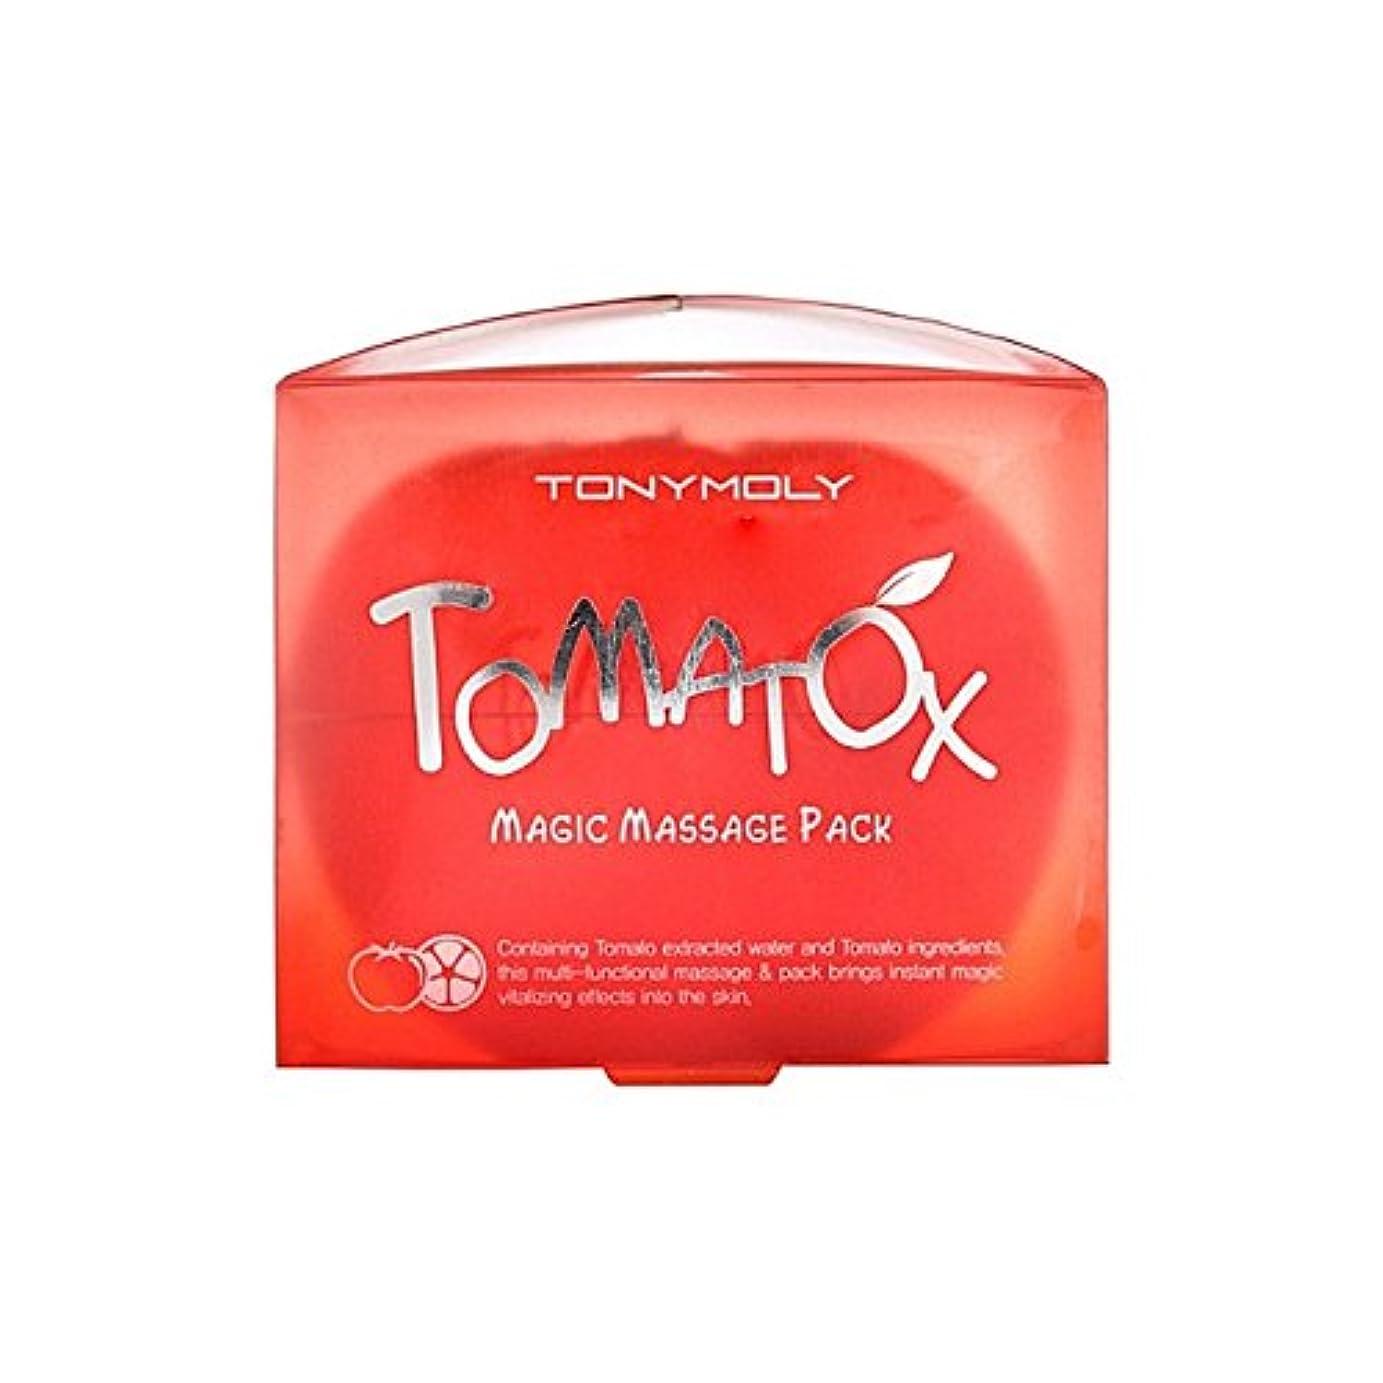 伸ばす借りる厄介なトニーモリー魔法マッサージパック80グラム x4 - Tony Moly Tomatox Magic Massage Pack 80G (Pack of 4) [並行輸入品]